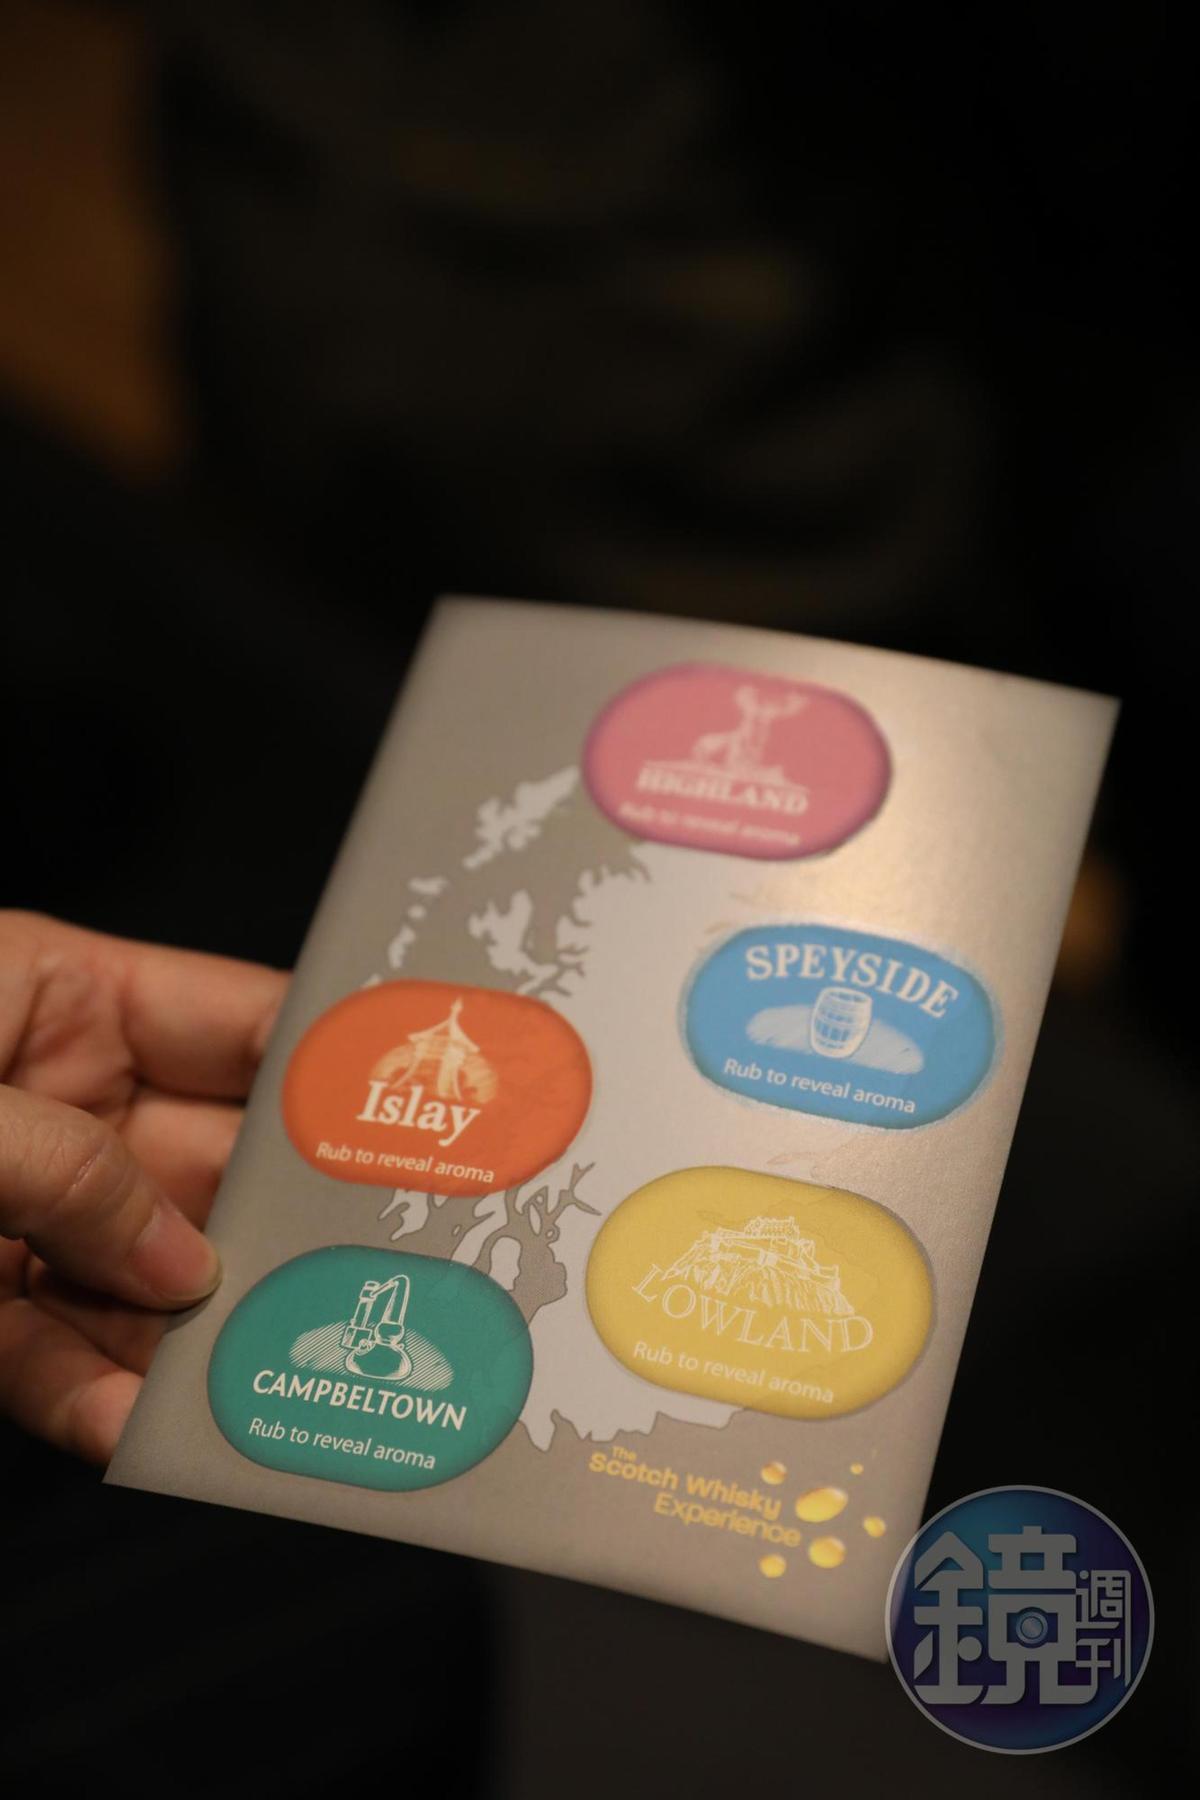 以顏色與氣味區分蘇格蘭威士忌的五大產區。